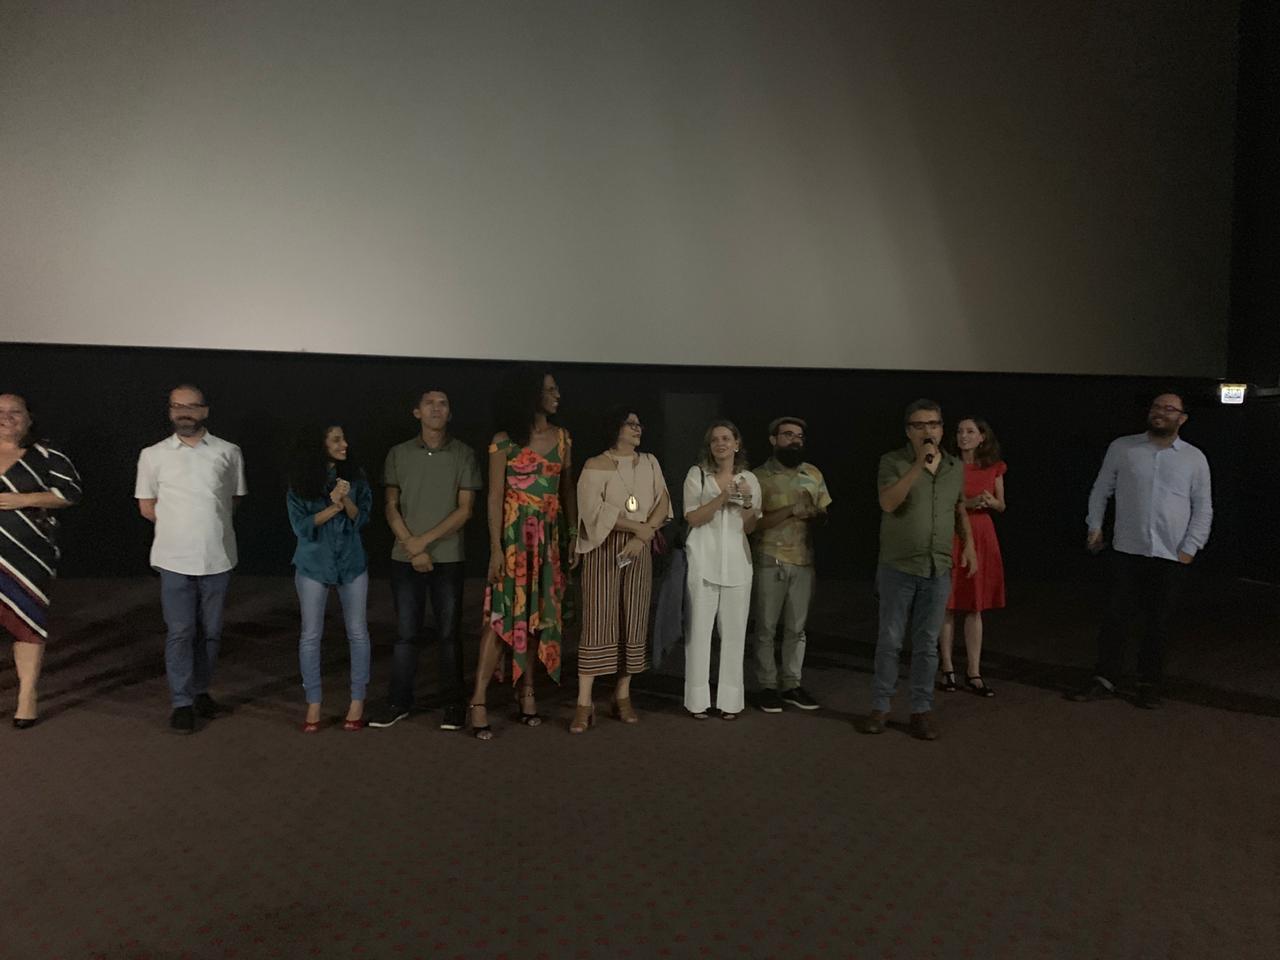 Com ingressos esgotados, 'Bacurau' tem pré-estreia em João Pessoa com a presença de atores do longa S